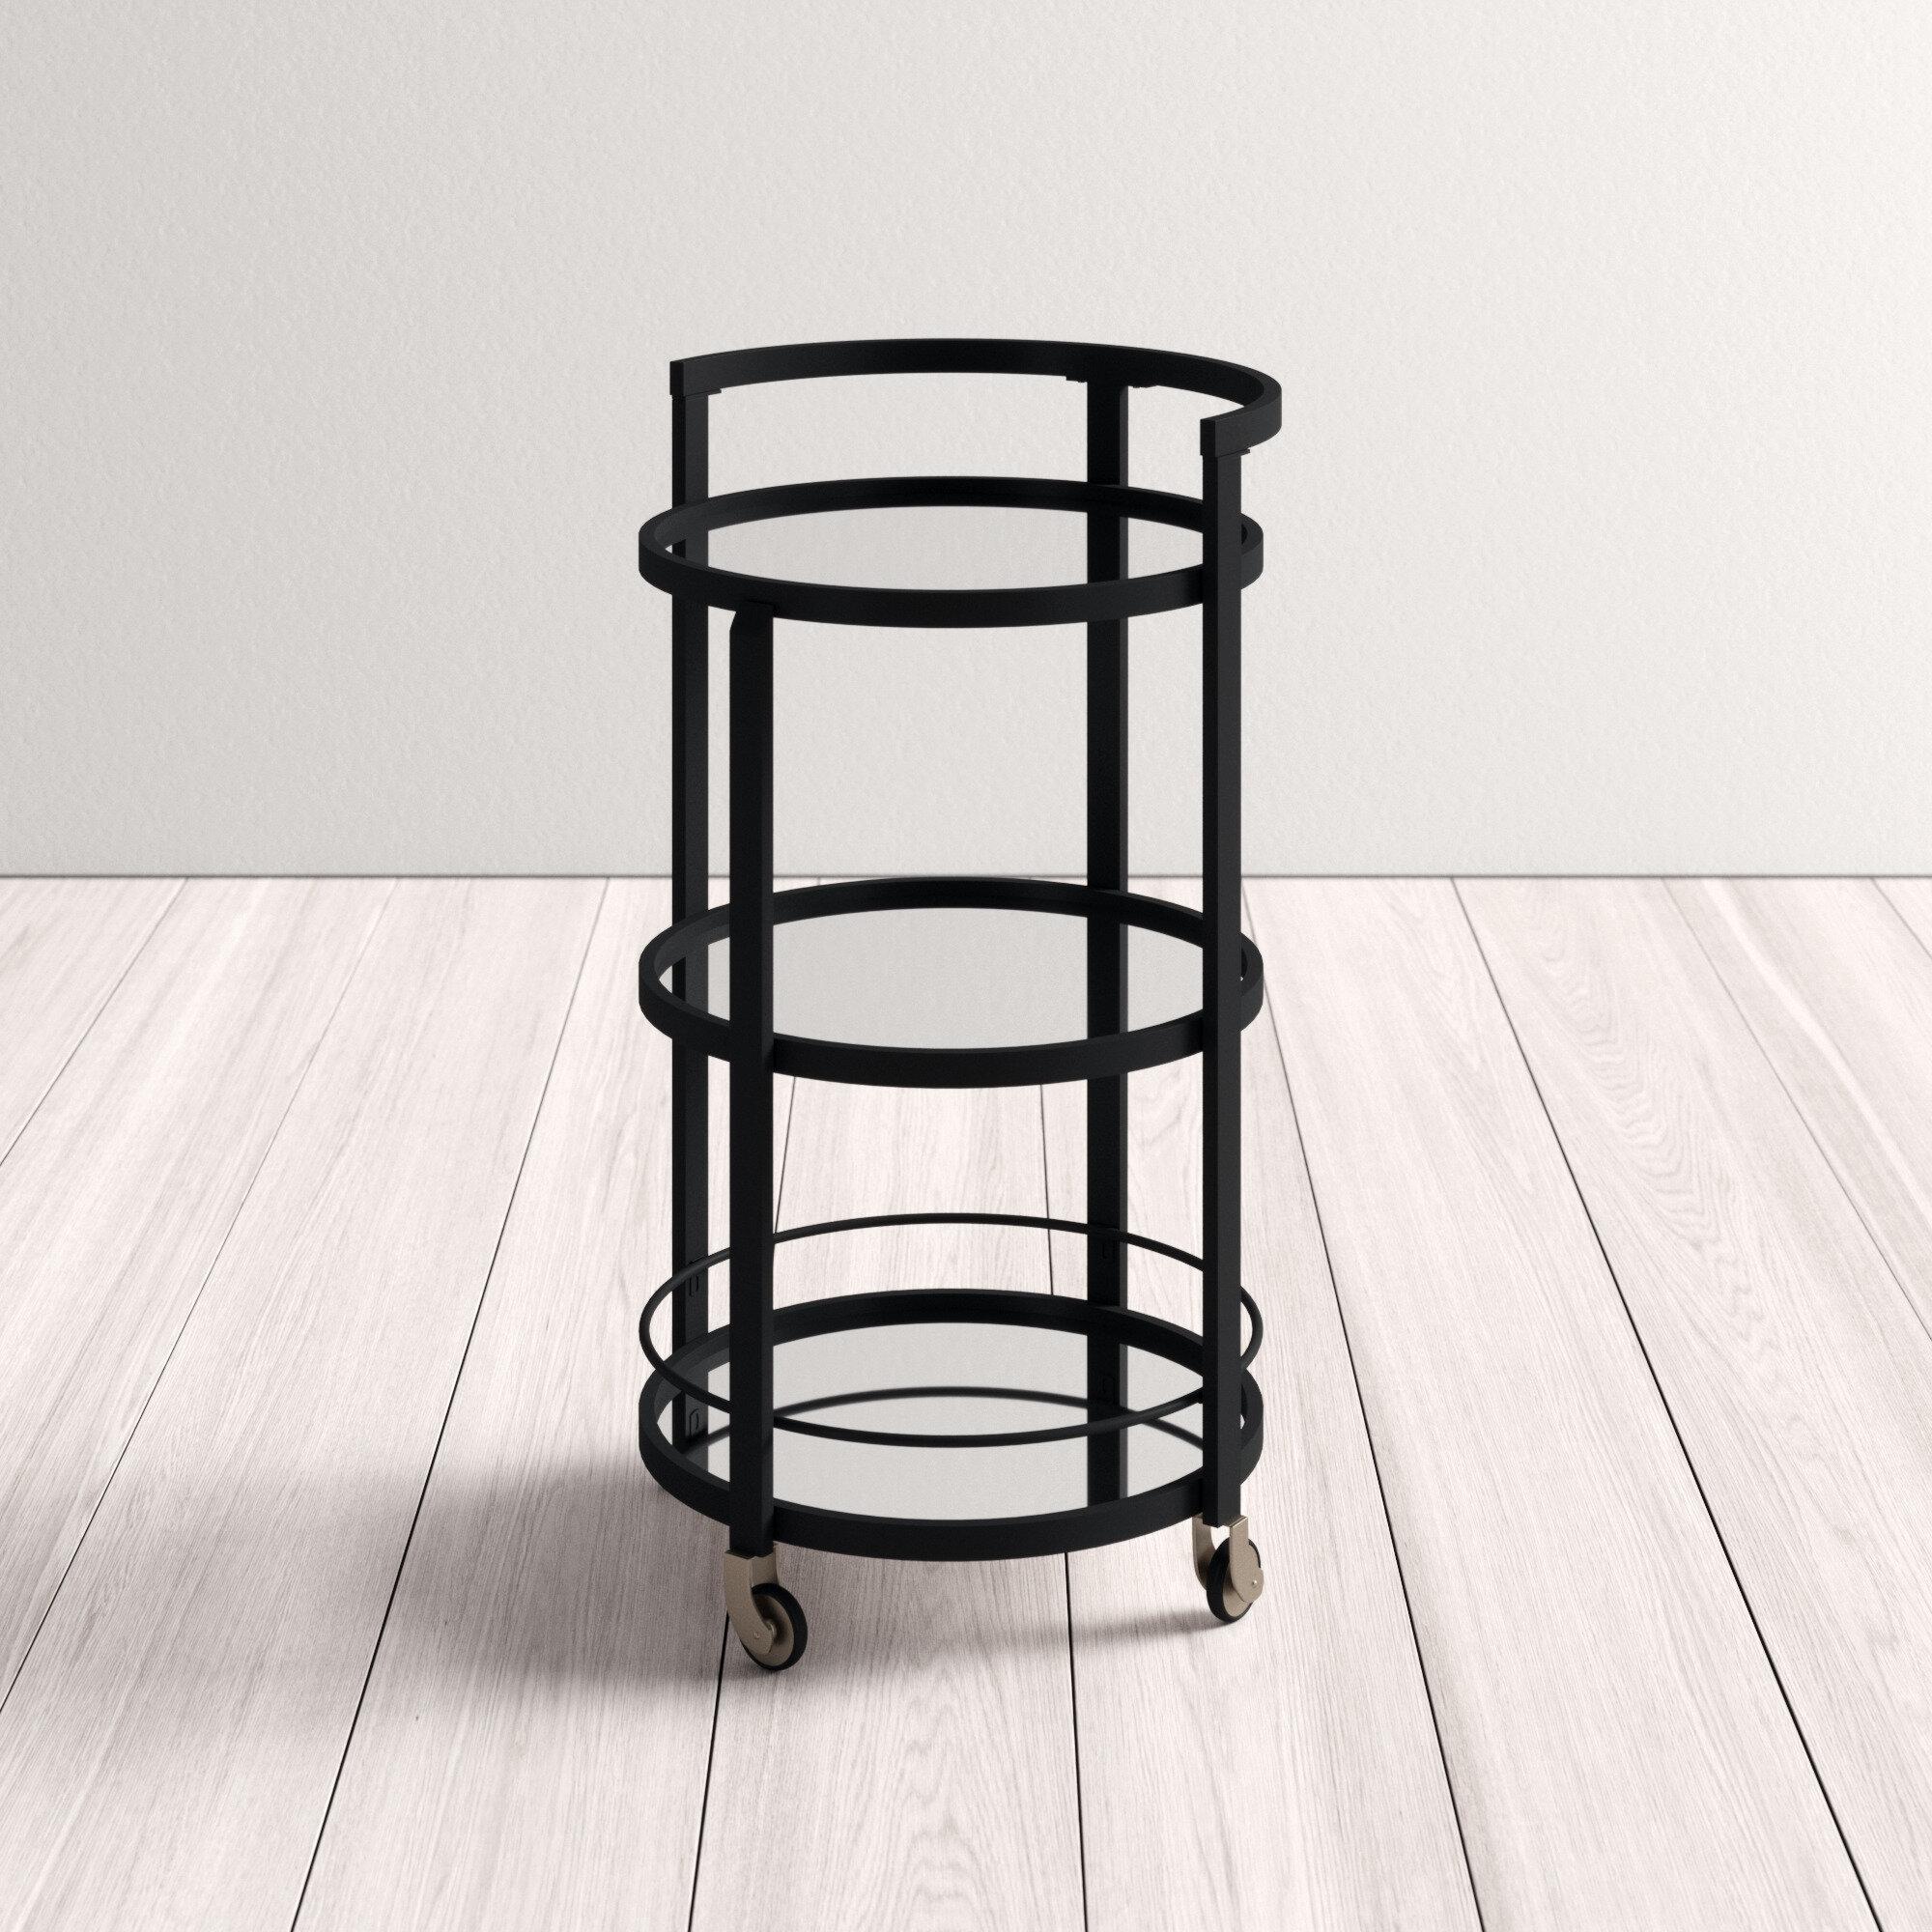 Willem Mirrored Bar Cart Reviews Allmodern